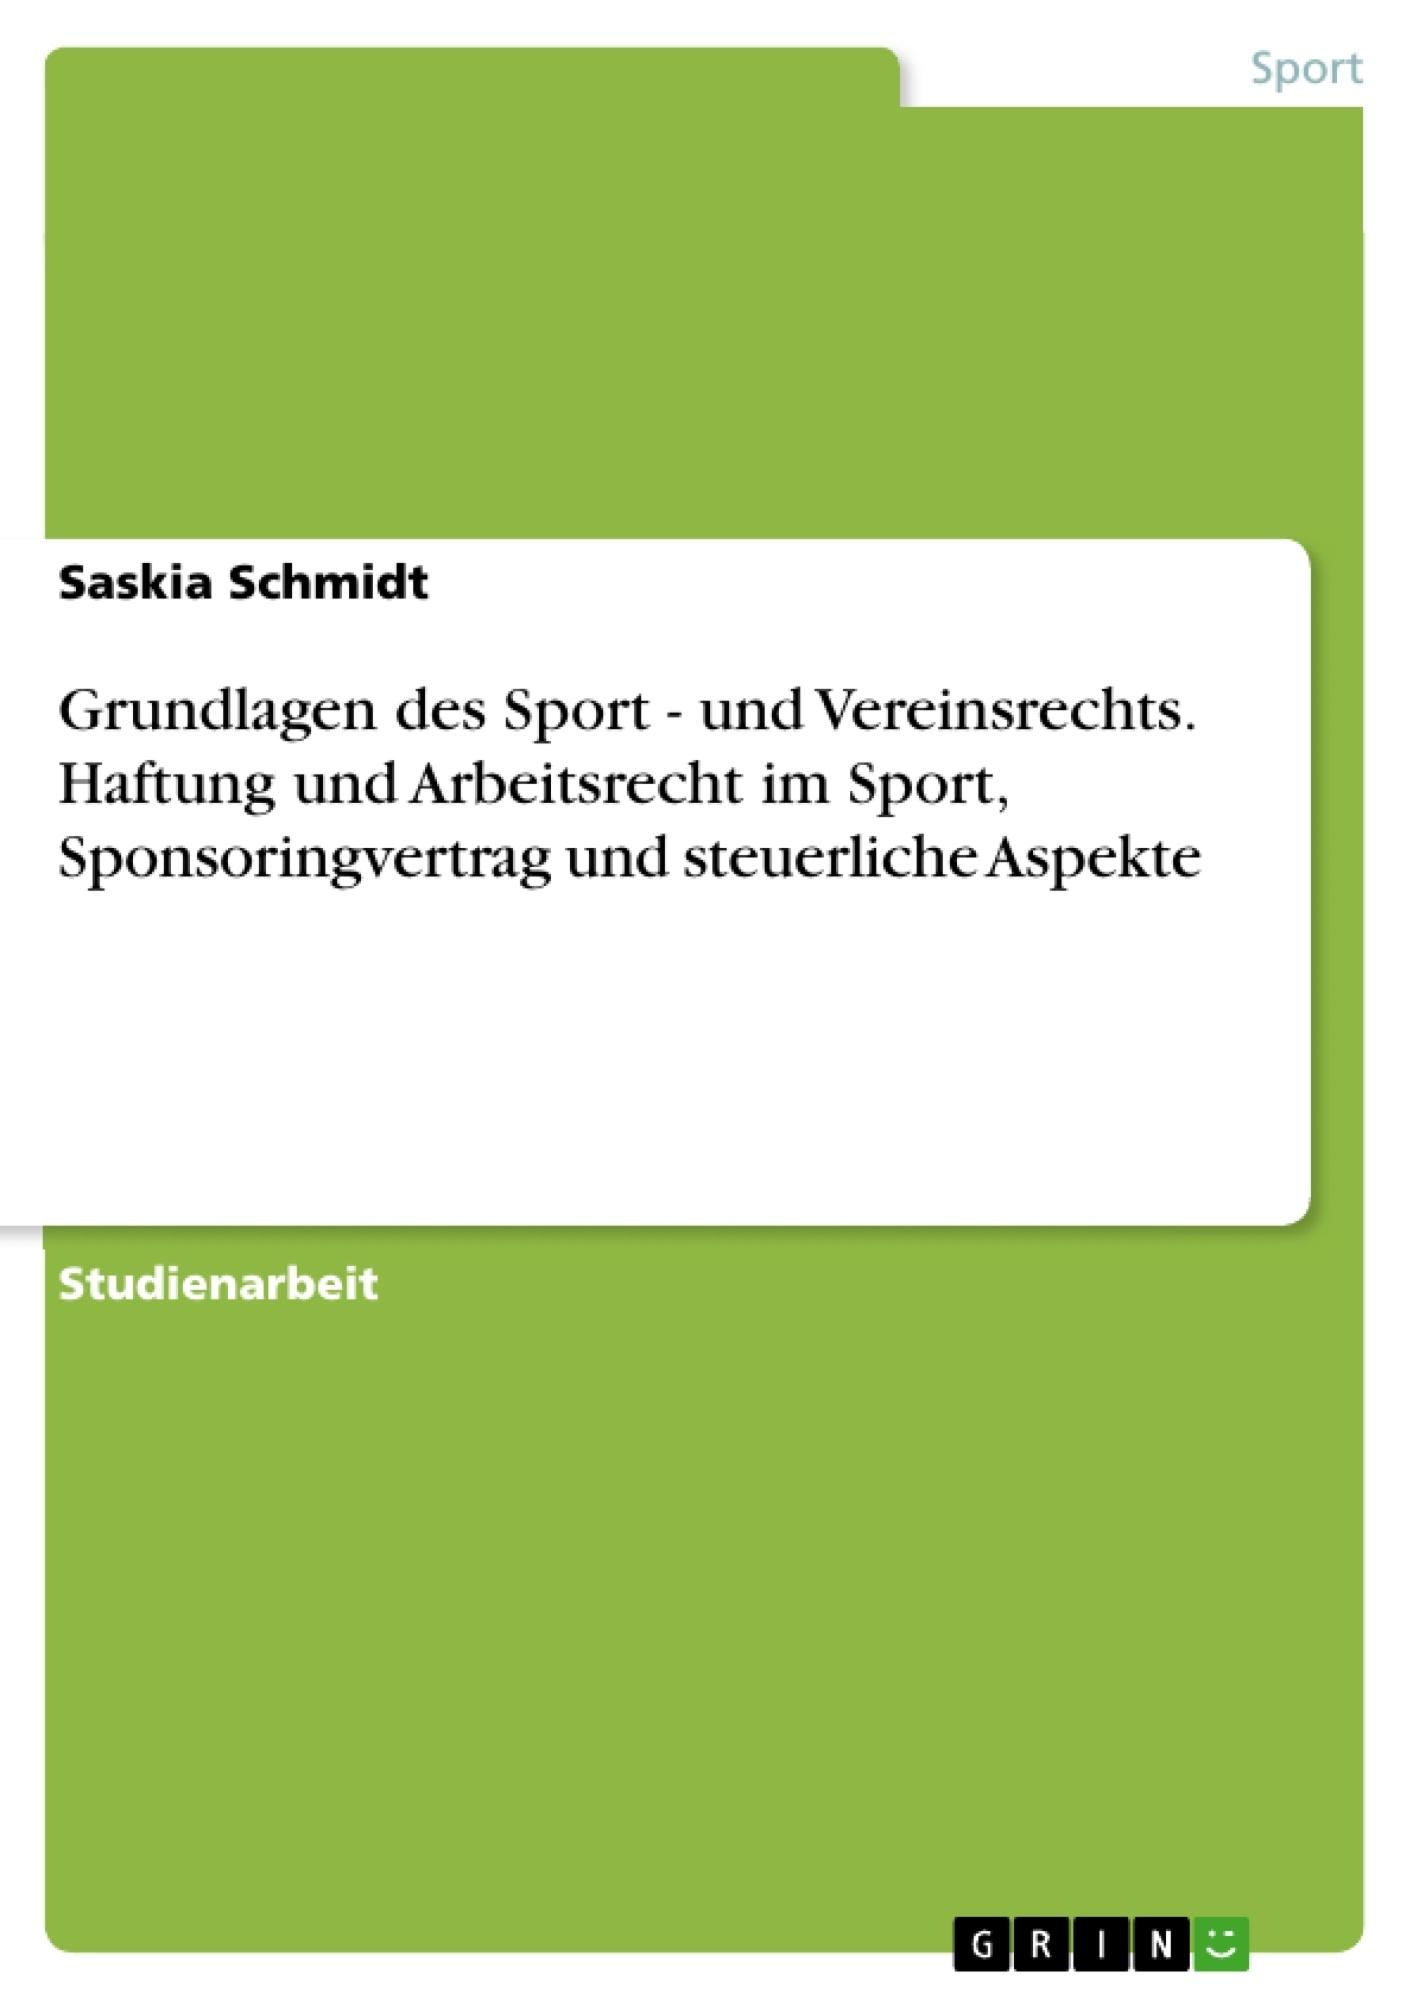 Titel: Grundlagen des Sport - und Vereinsrechts. Haftung und Arbeitsrecht im Sport, Sponsoringvertrag und steuerliche Aspekte